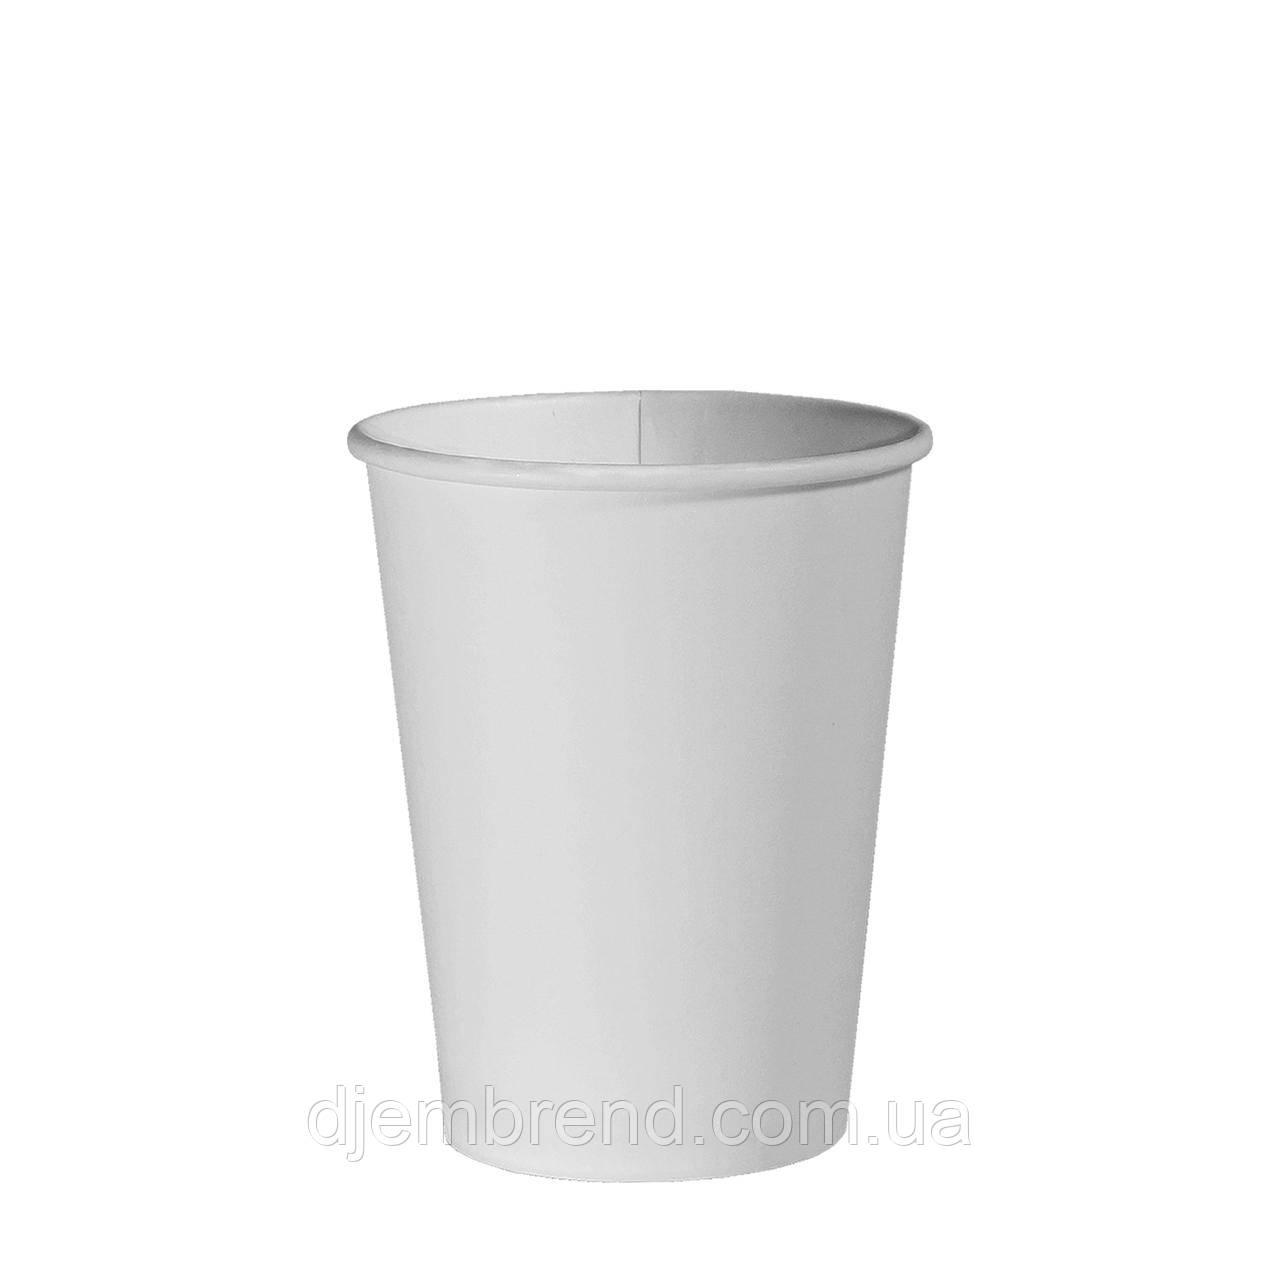 Стакан бумажный Белый 250мл. 50шт/уп (1ящ/48уп/2400шт) (КР75)